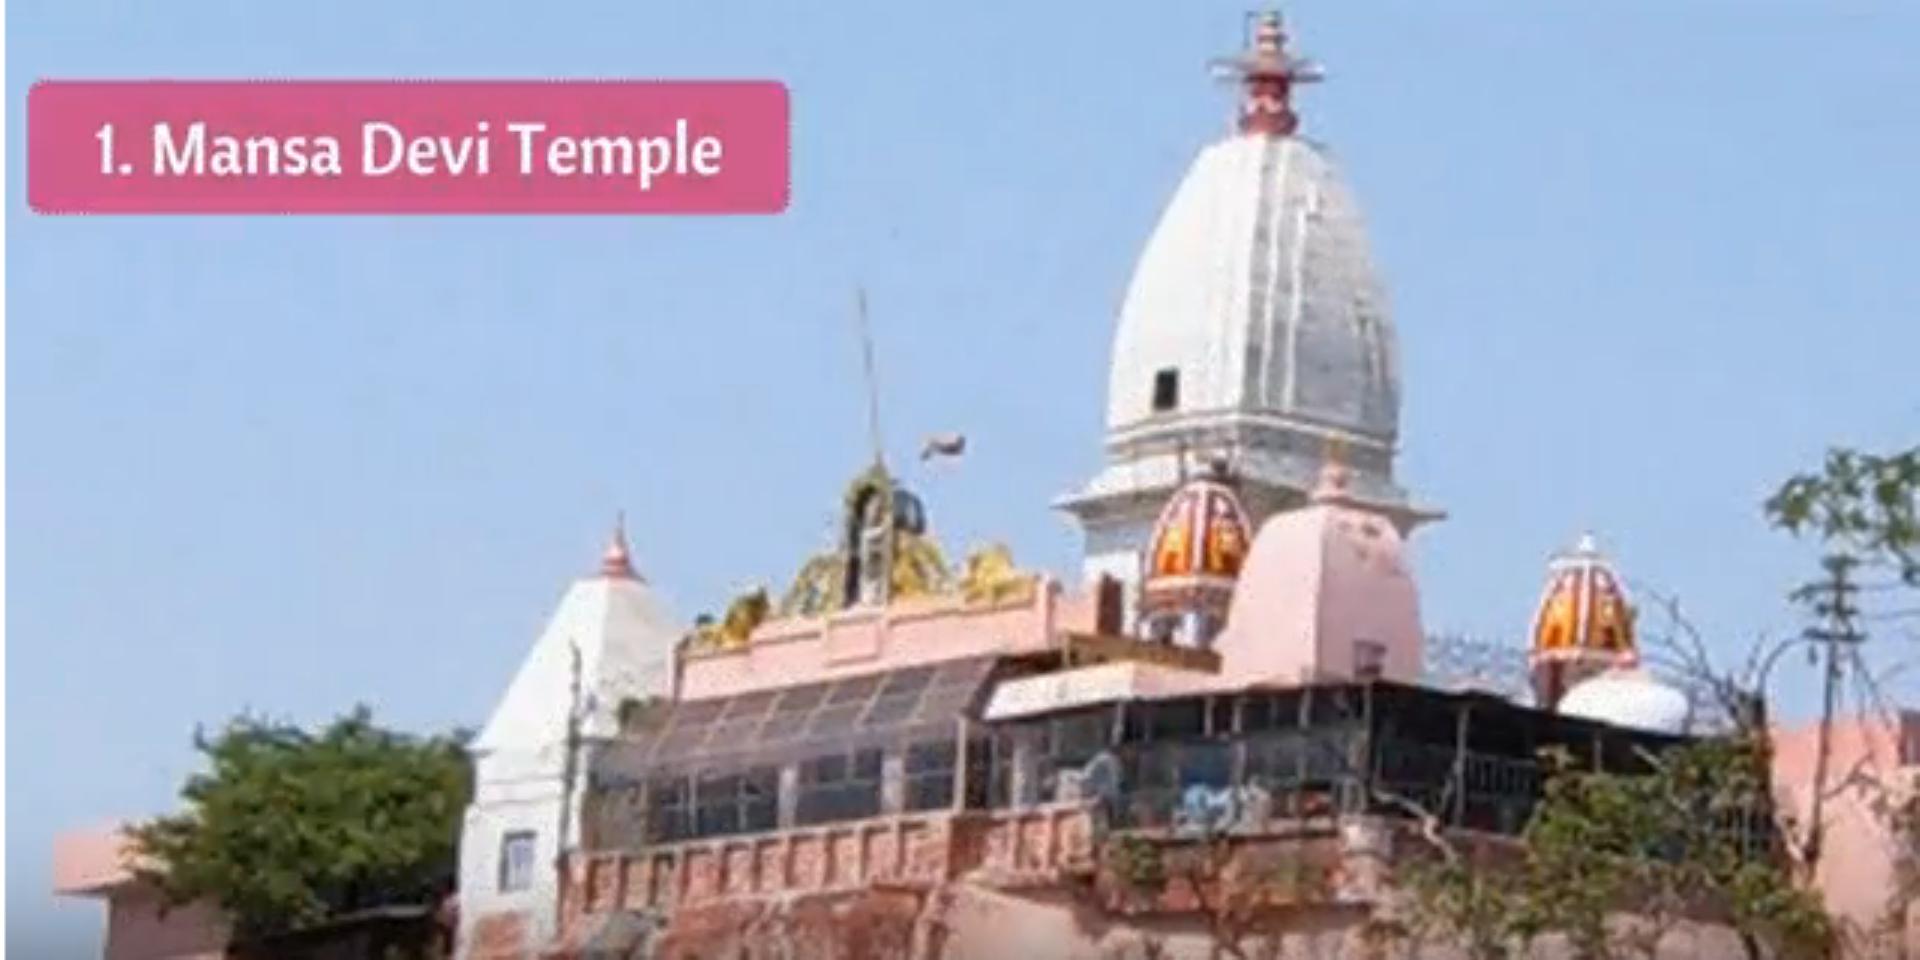 Mansa Devi Temple tour by tempo traveller